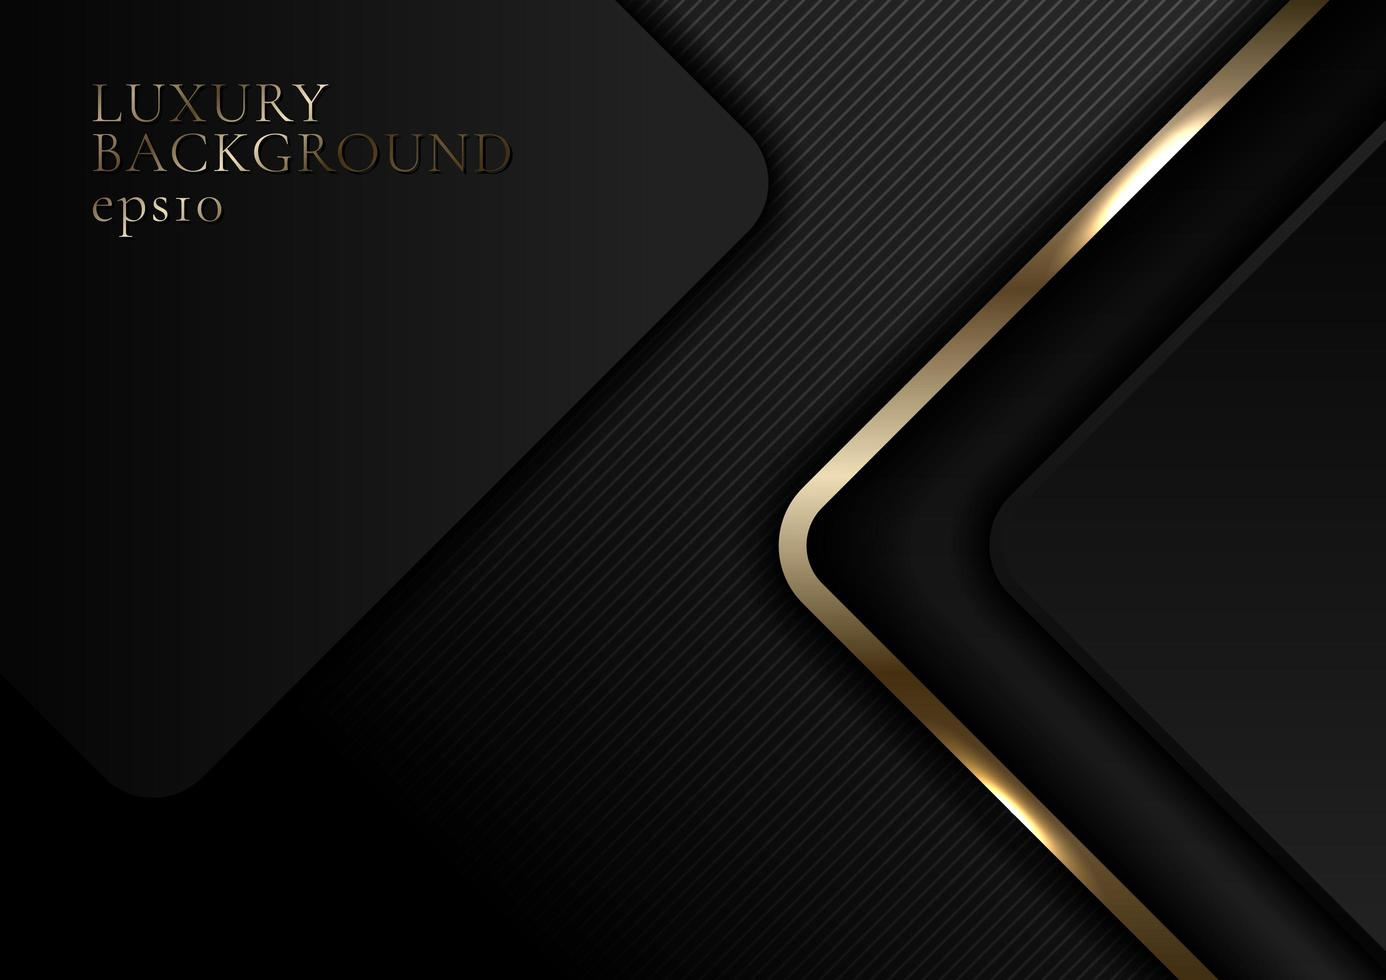 abstrakt elegant guld och svart glänsande rundad fyrkant på mörk bakgrund lyxstil vektor